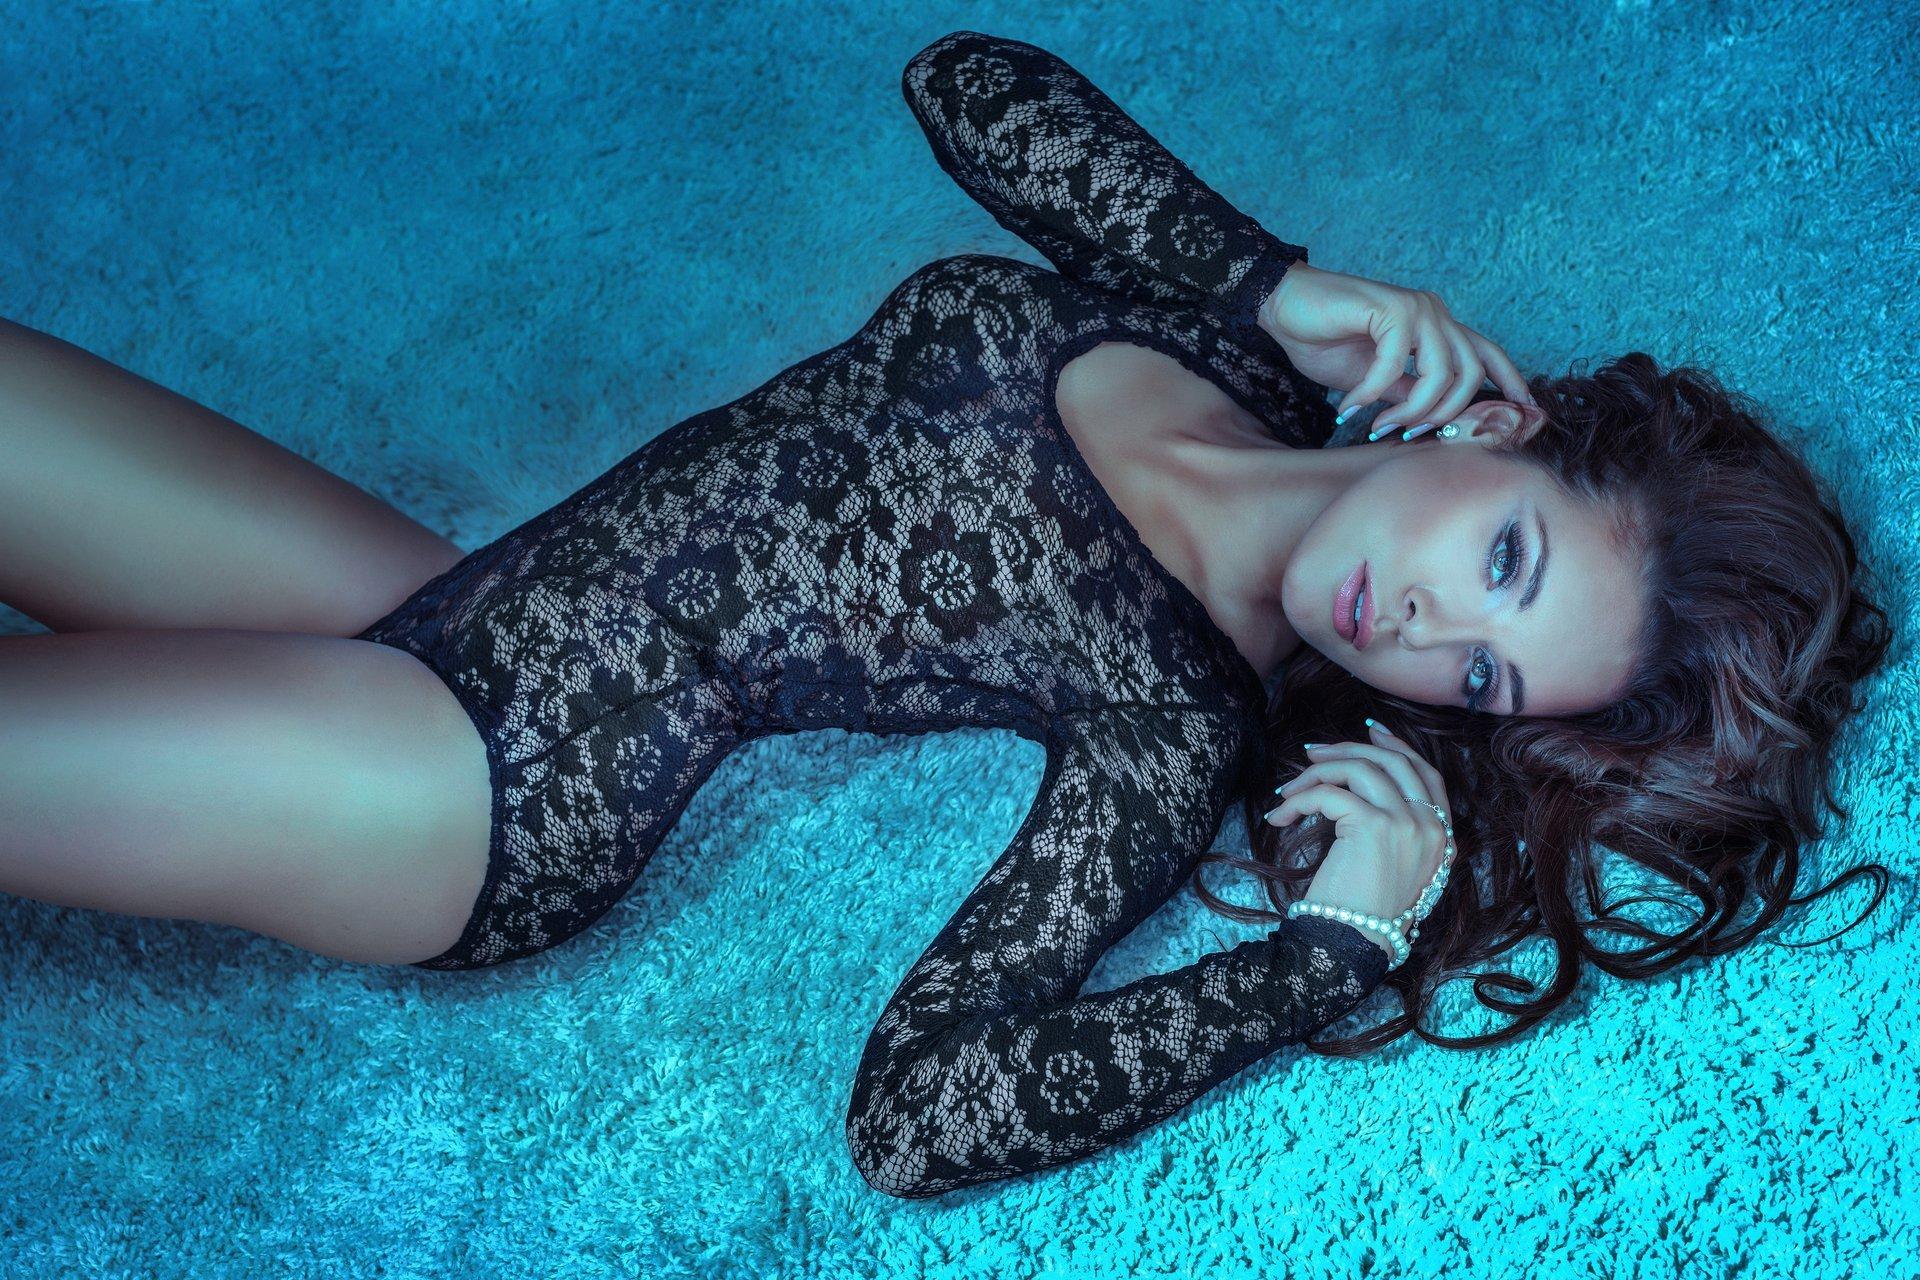 fotoset-devushki-v-bodi-imya-samoy-yunoy-aziatskoy-porno-aktrisi